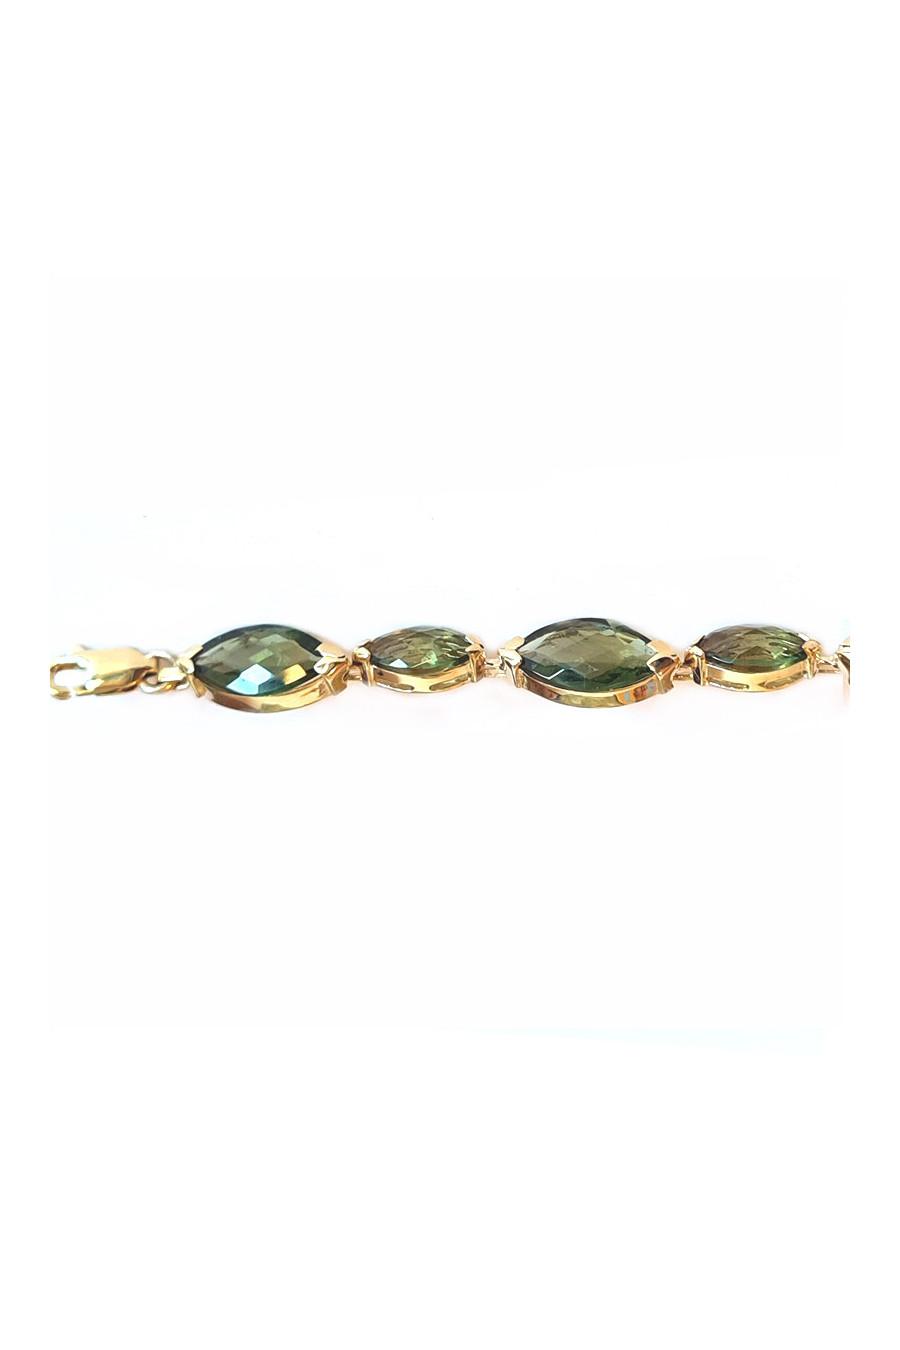 Gold bracelet, moldavite